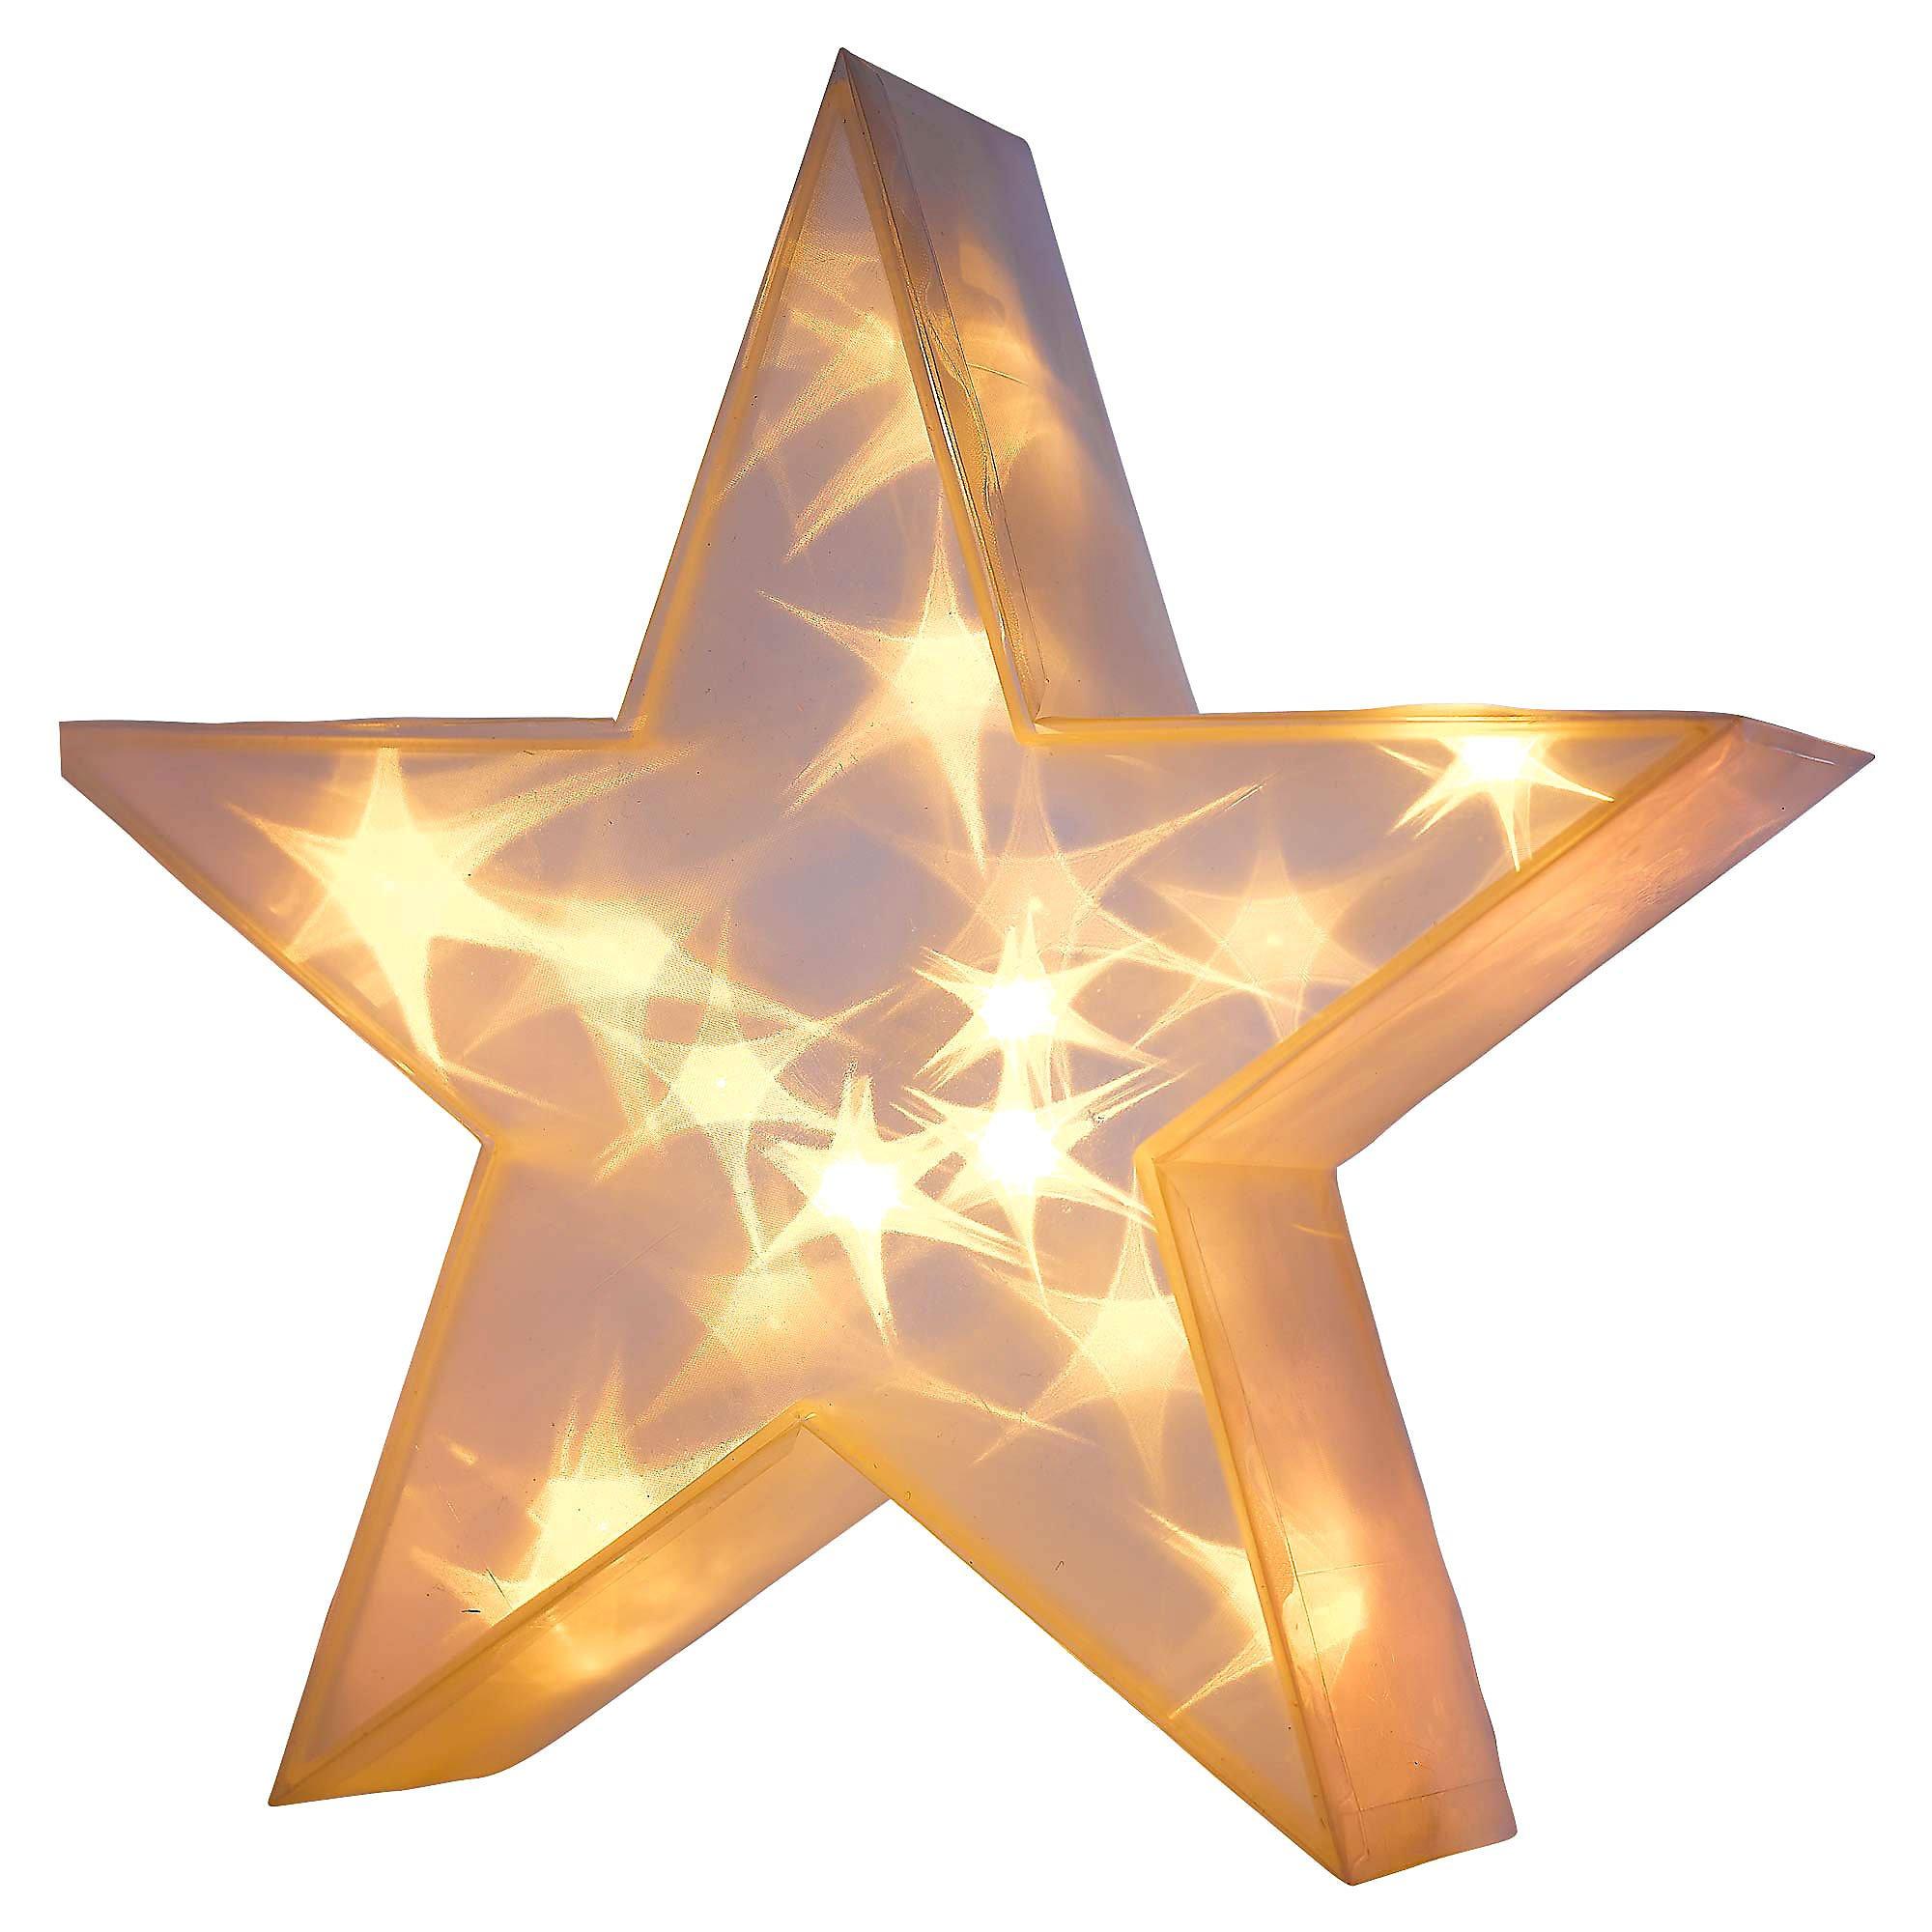 3d Weihnachtsbeleuchtung.Weihnachtsbeleuchtung 3d Stern Jetzt Bei Weltbild De Bestellen